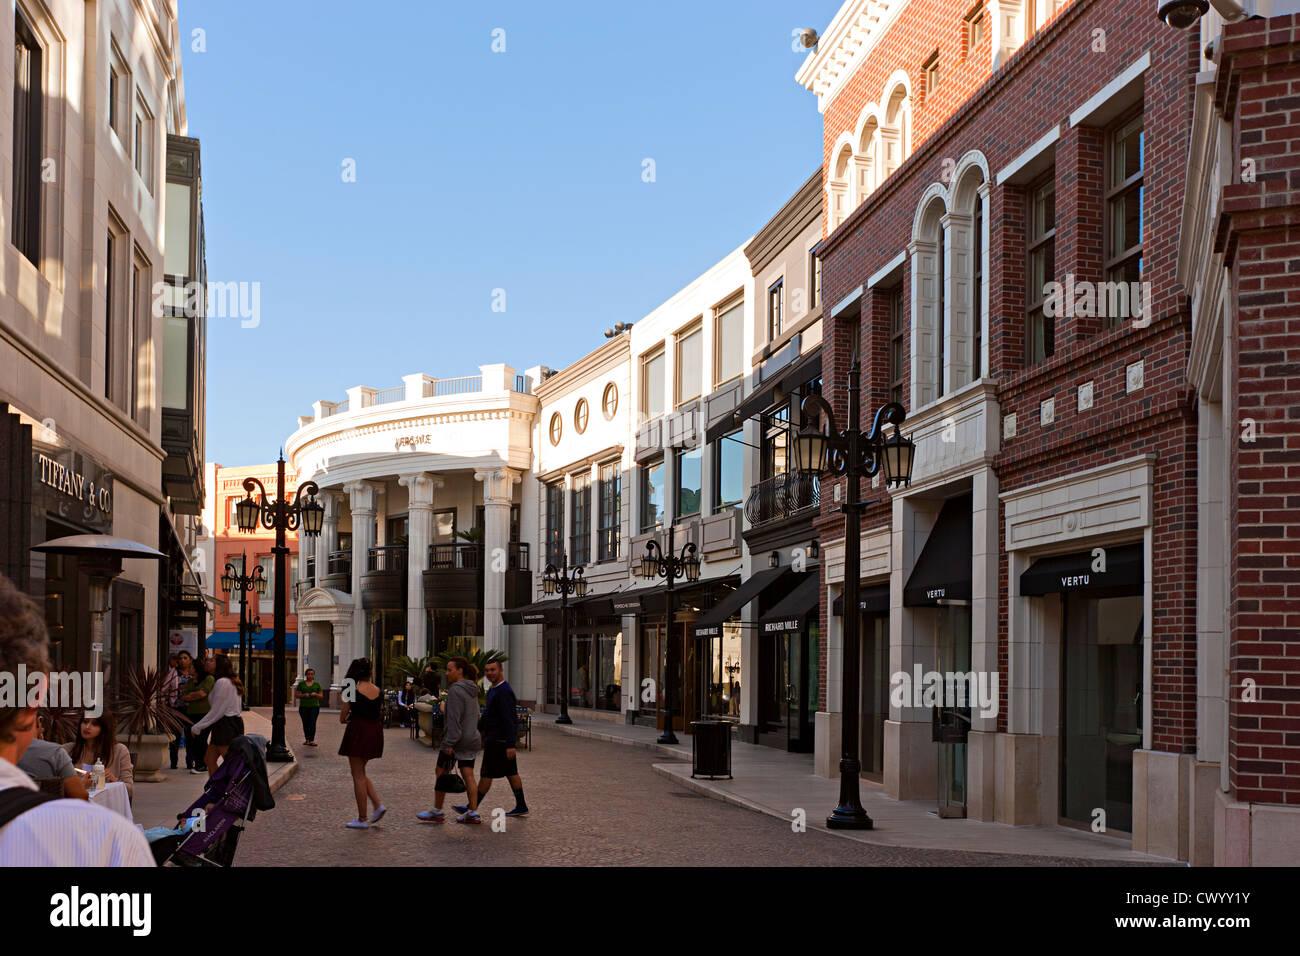 Geschäfte in Rodeo fahren Los Angeles, Kalifornien, USA Stockbild